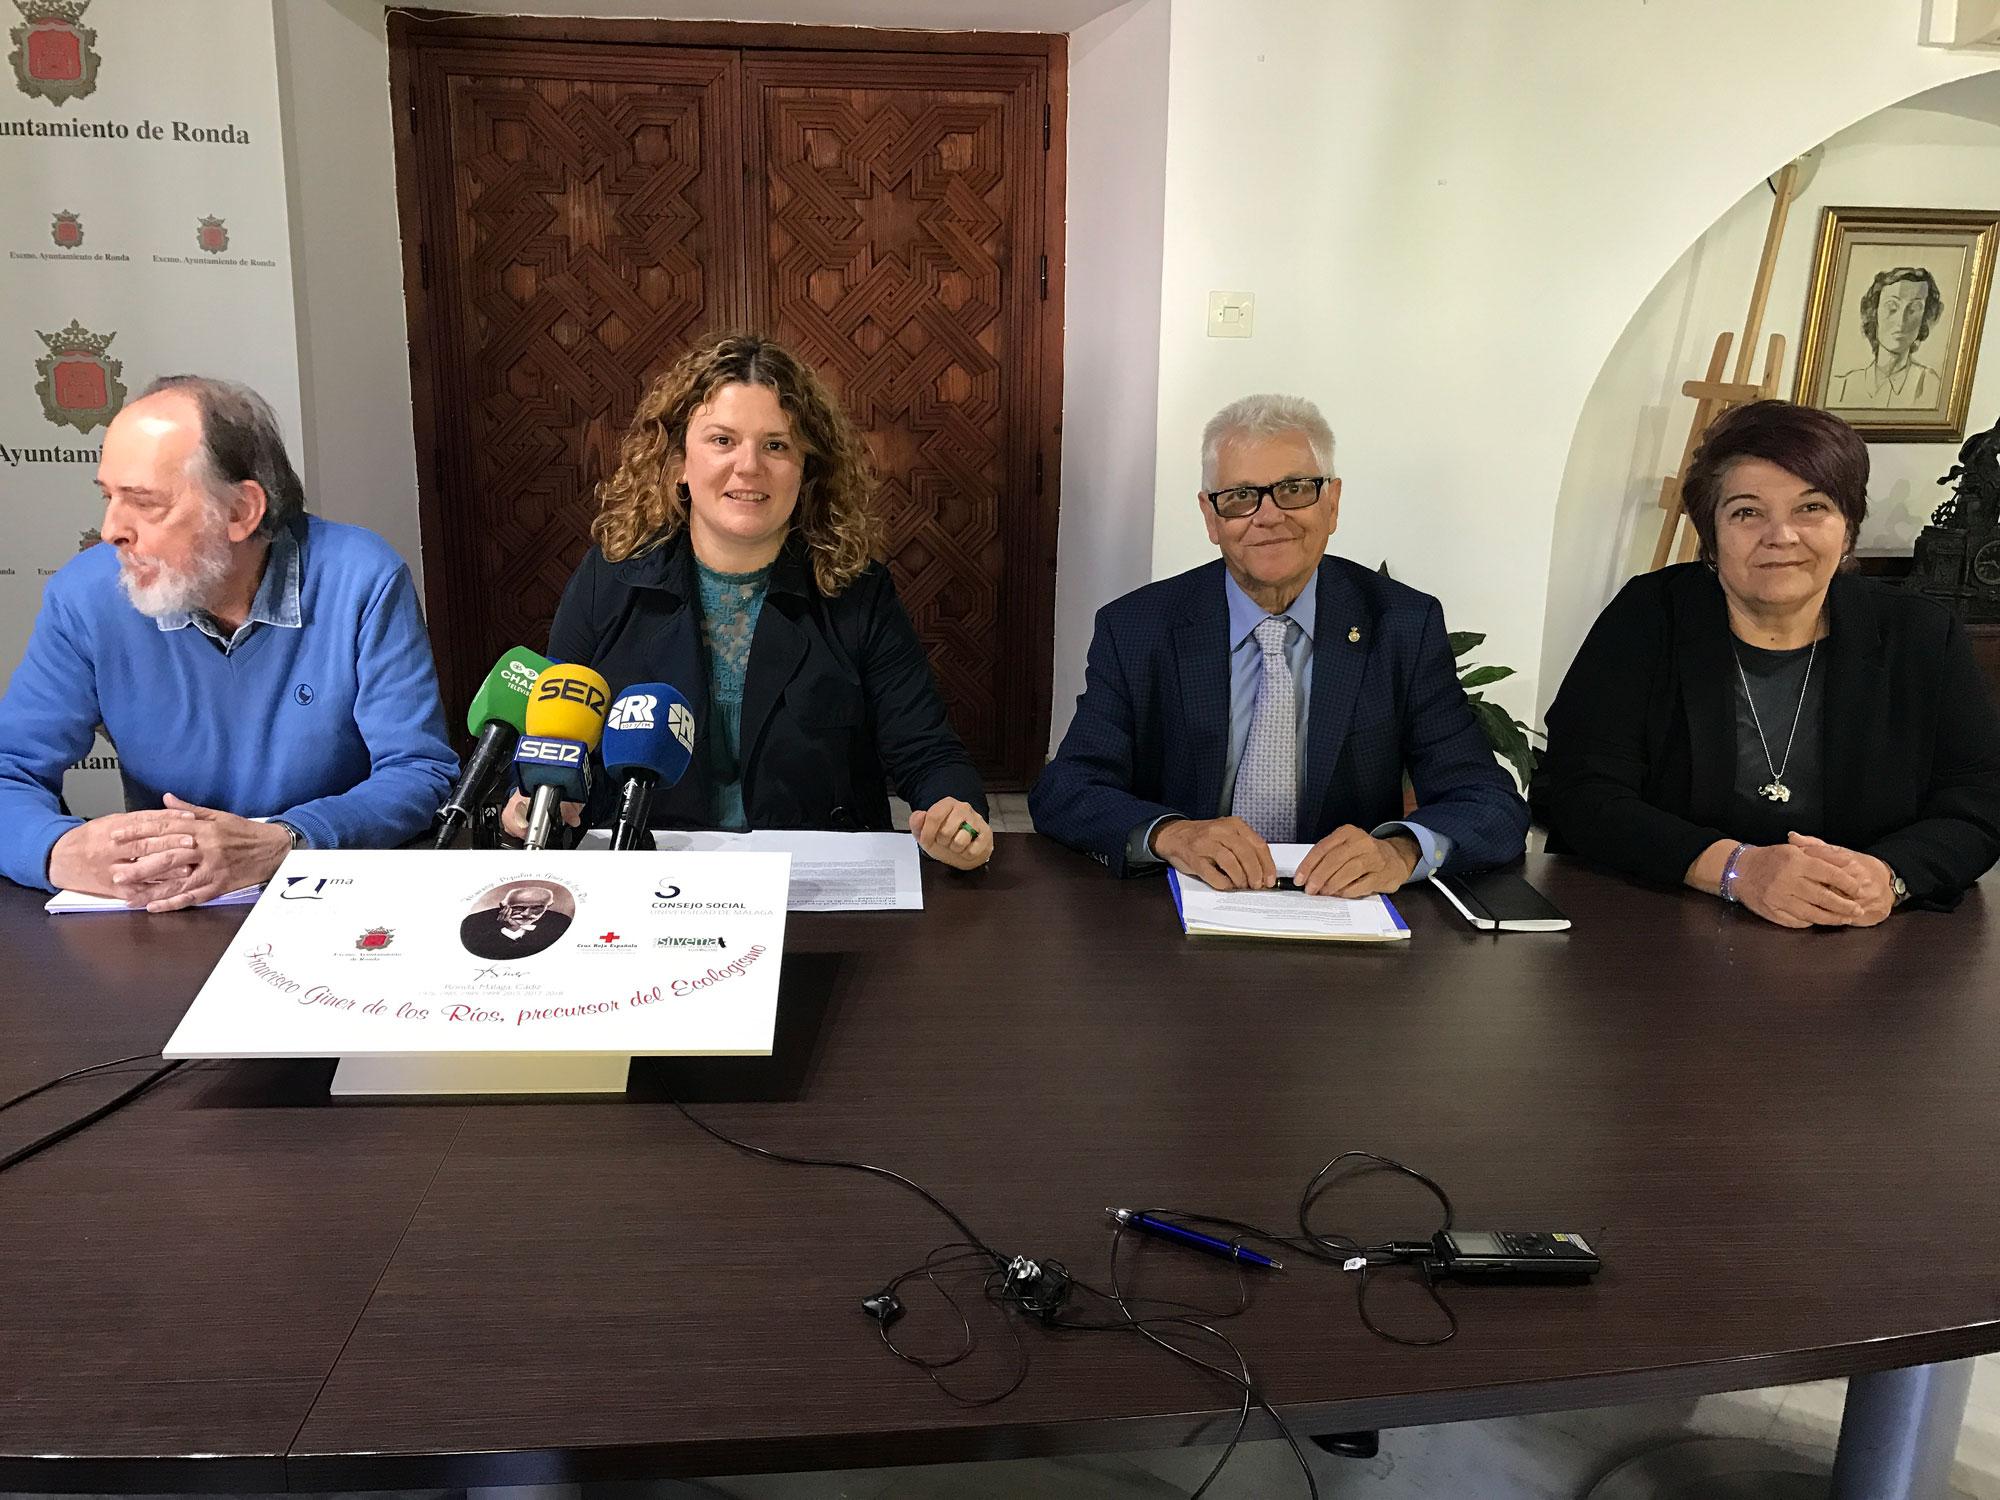 El Consejo Social de la UMA colabora en la celebración del año Giner de los Ríos en Ronda